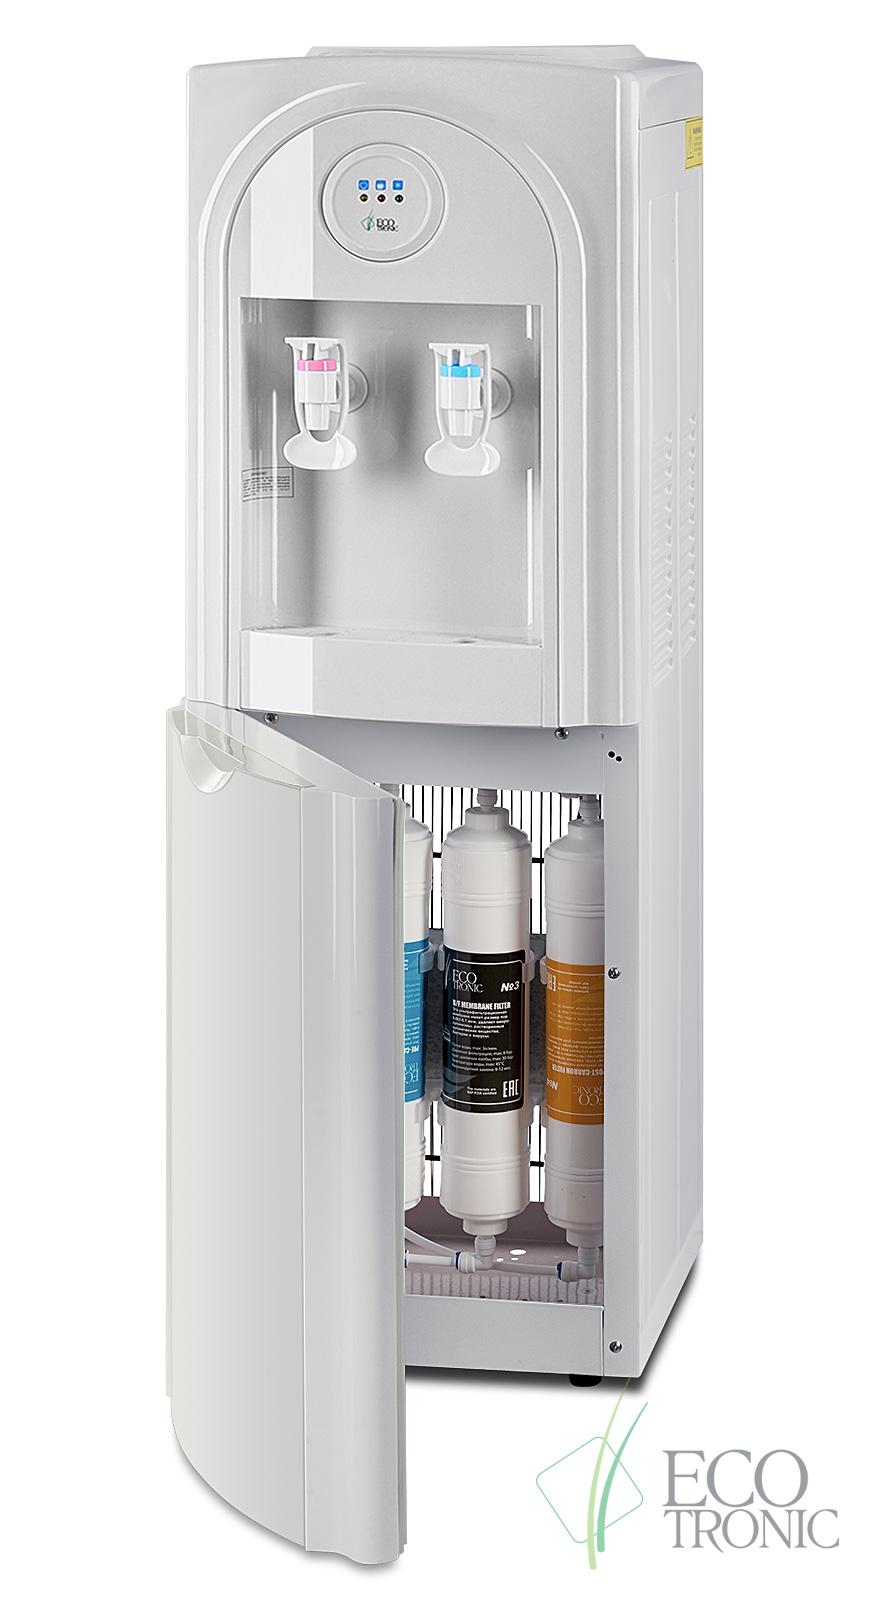 Пурифайер Ecotronic C21-U4L full white